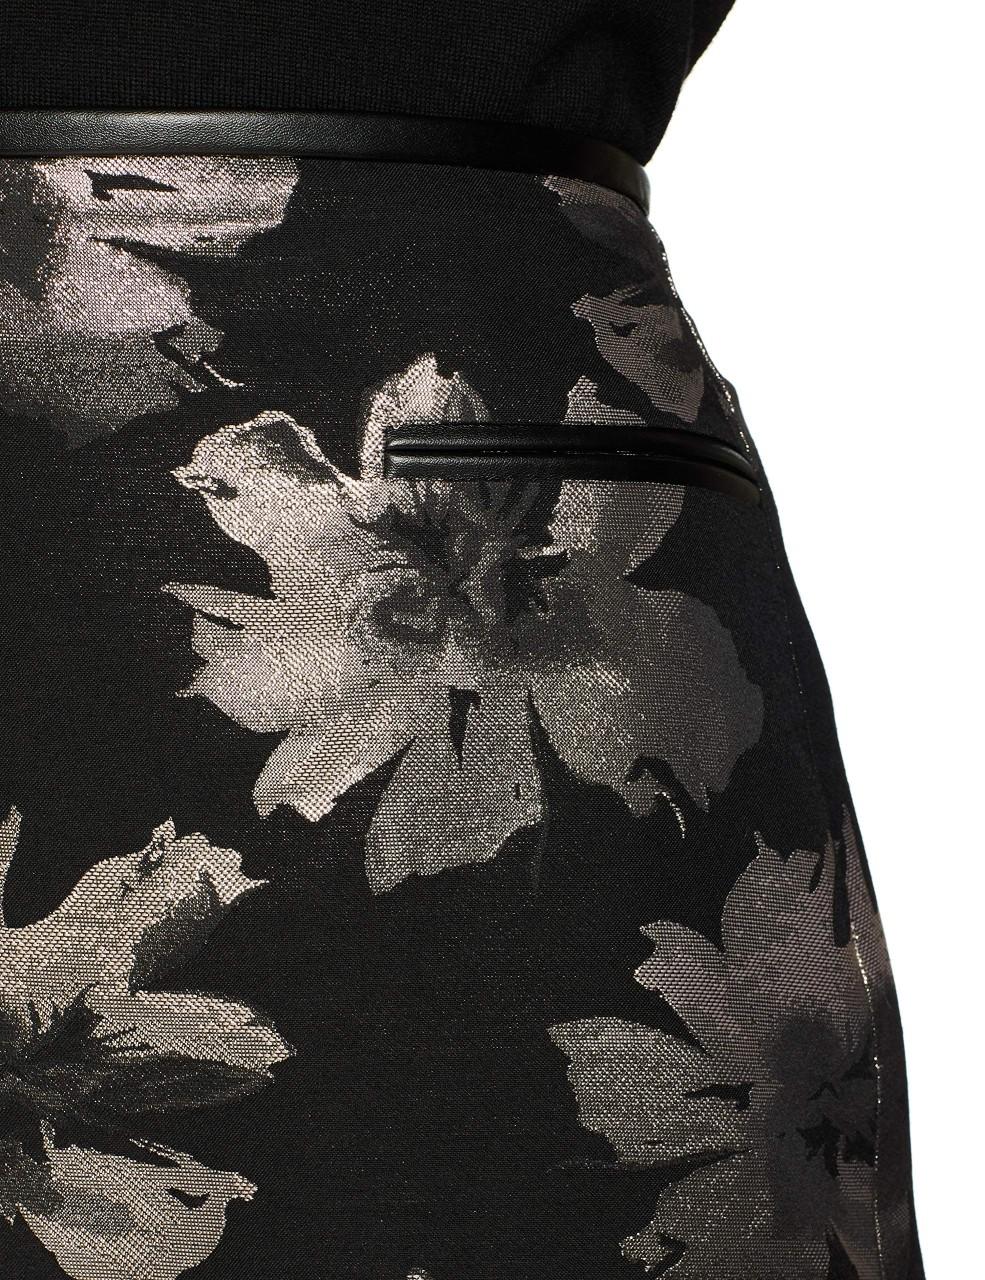 Comma Hosenröcke Top Marken 81811785714 schwarz schwarz p3KNTR